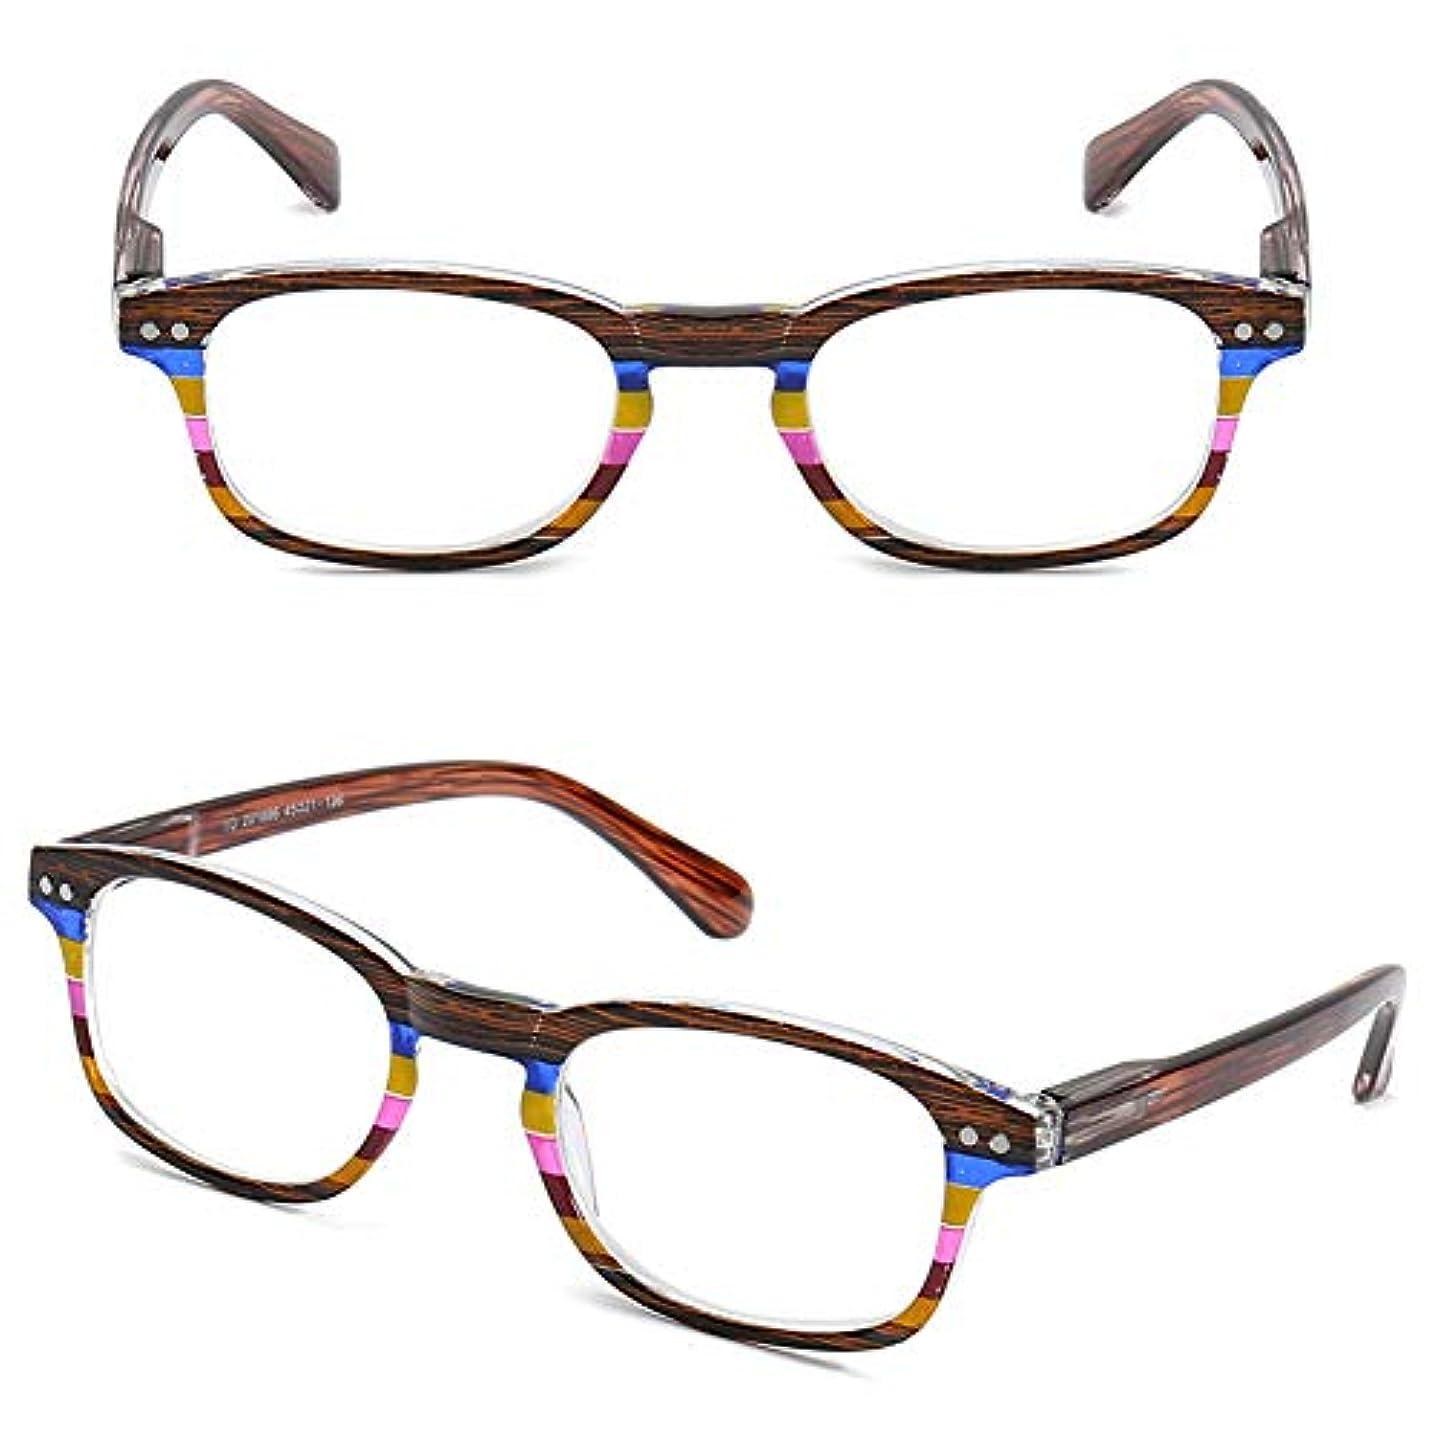 その経験的無限大男性と女性のファッション超軽量老眼鏡、春脚超軽量快適でシンプルなポータブルメガネ、厚いPC双翼レンズ